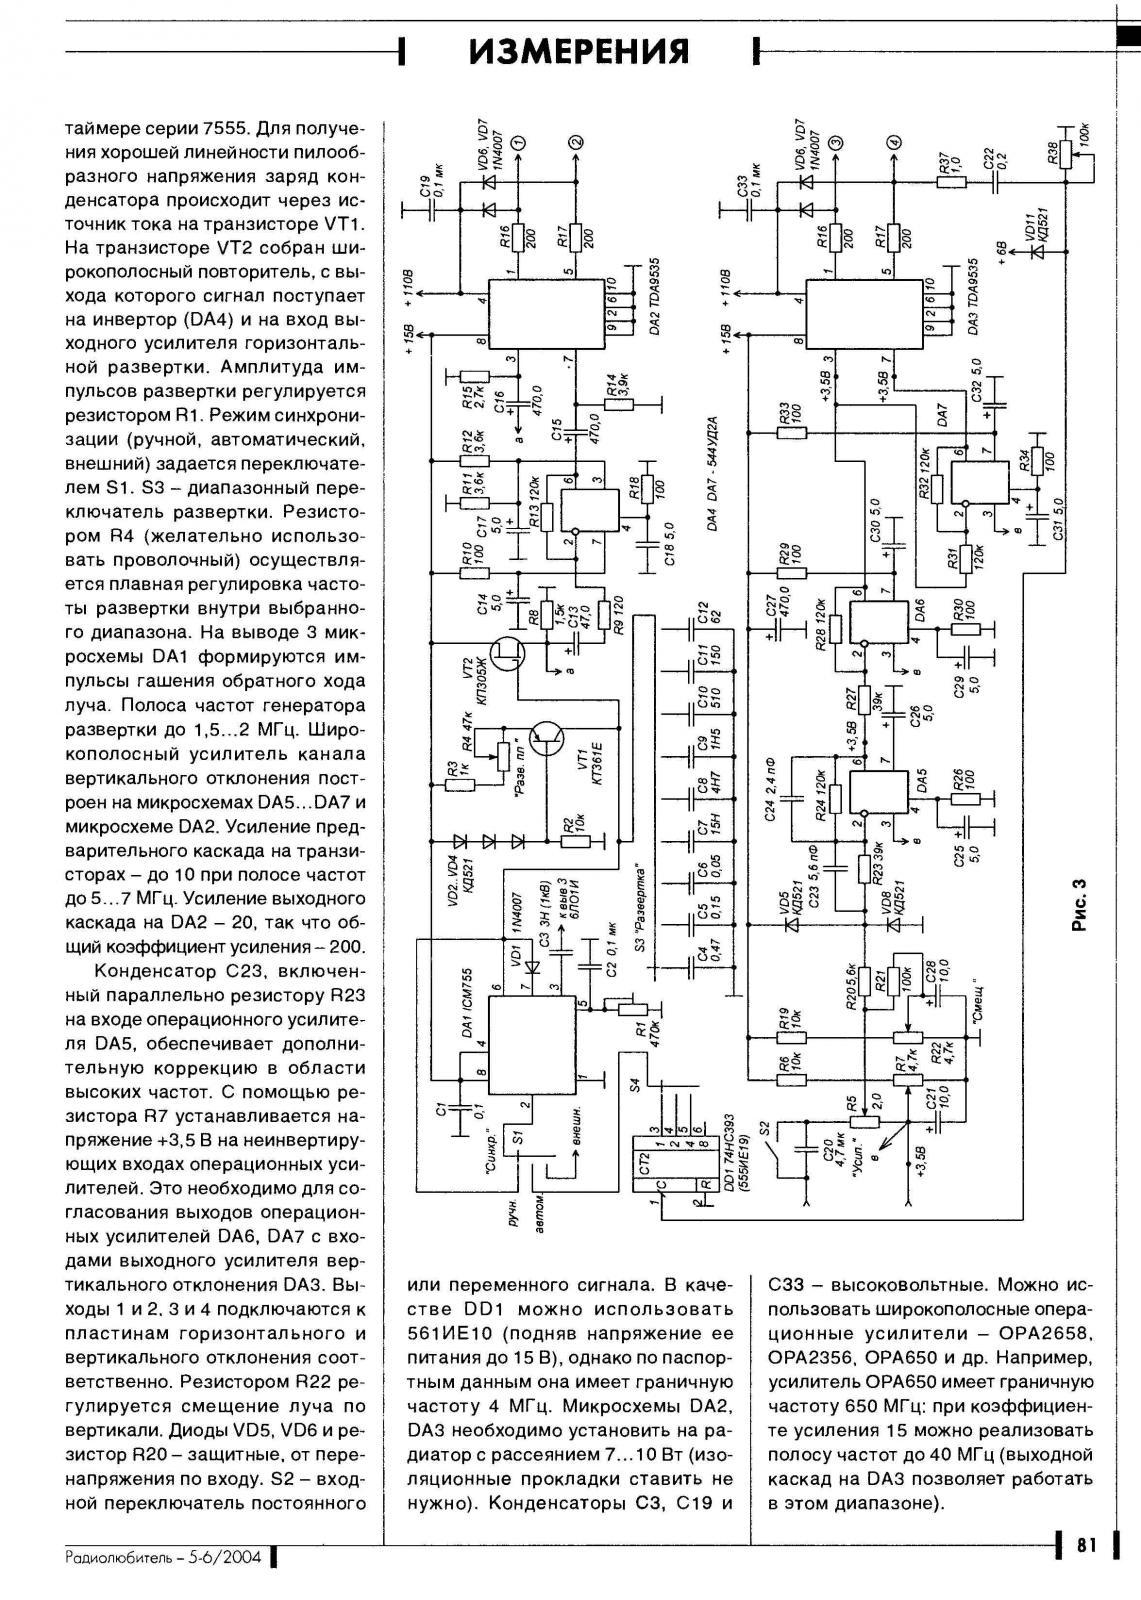 Схемы осциллографов на транзисторах для сборки своими руками